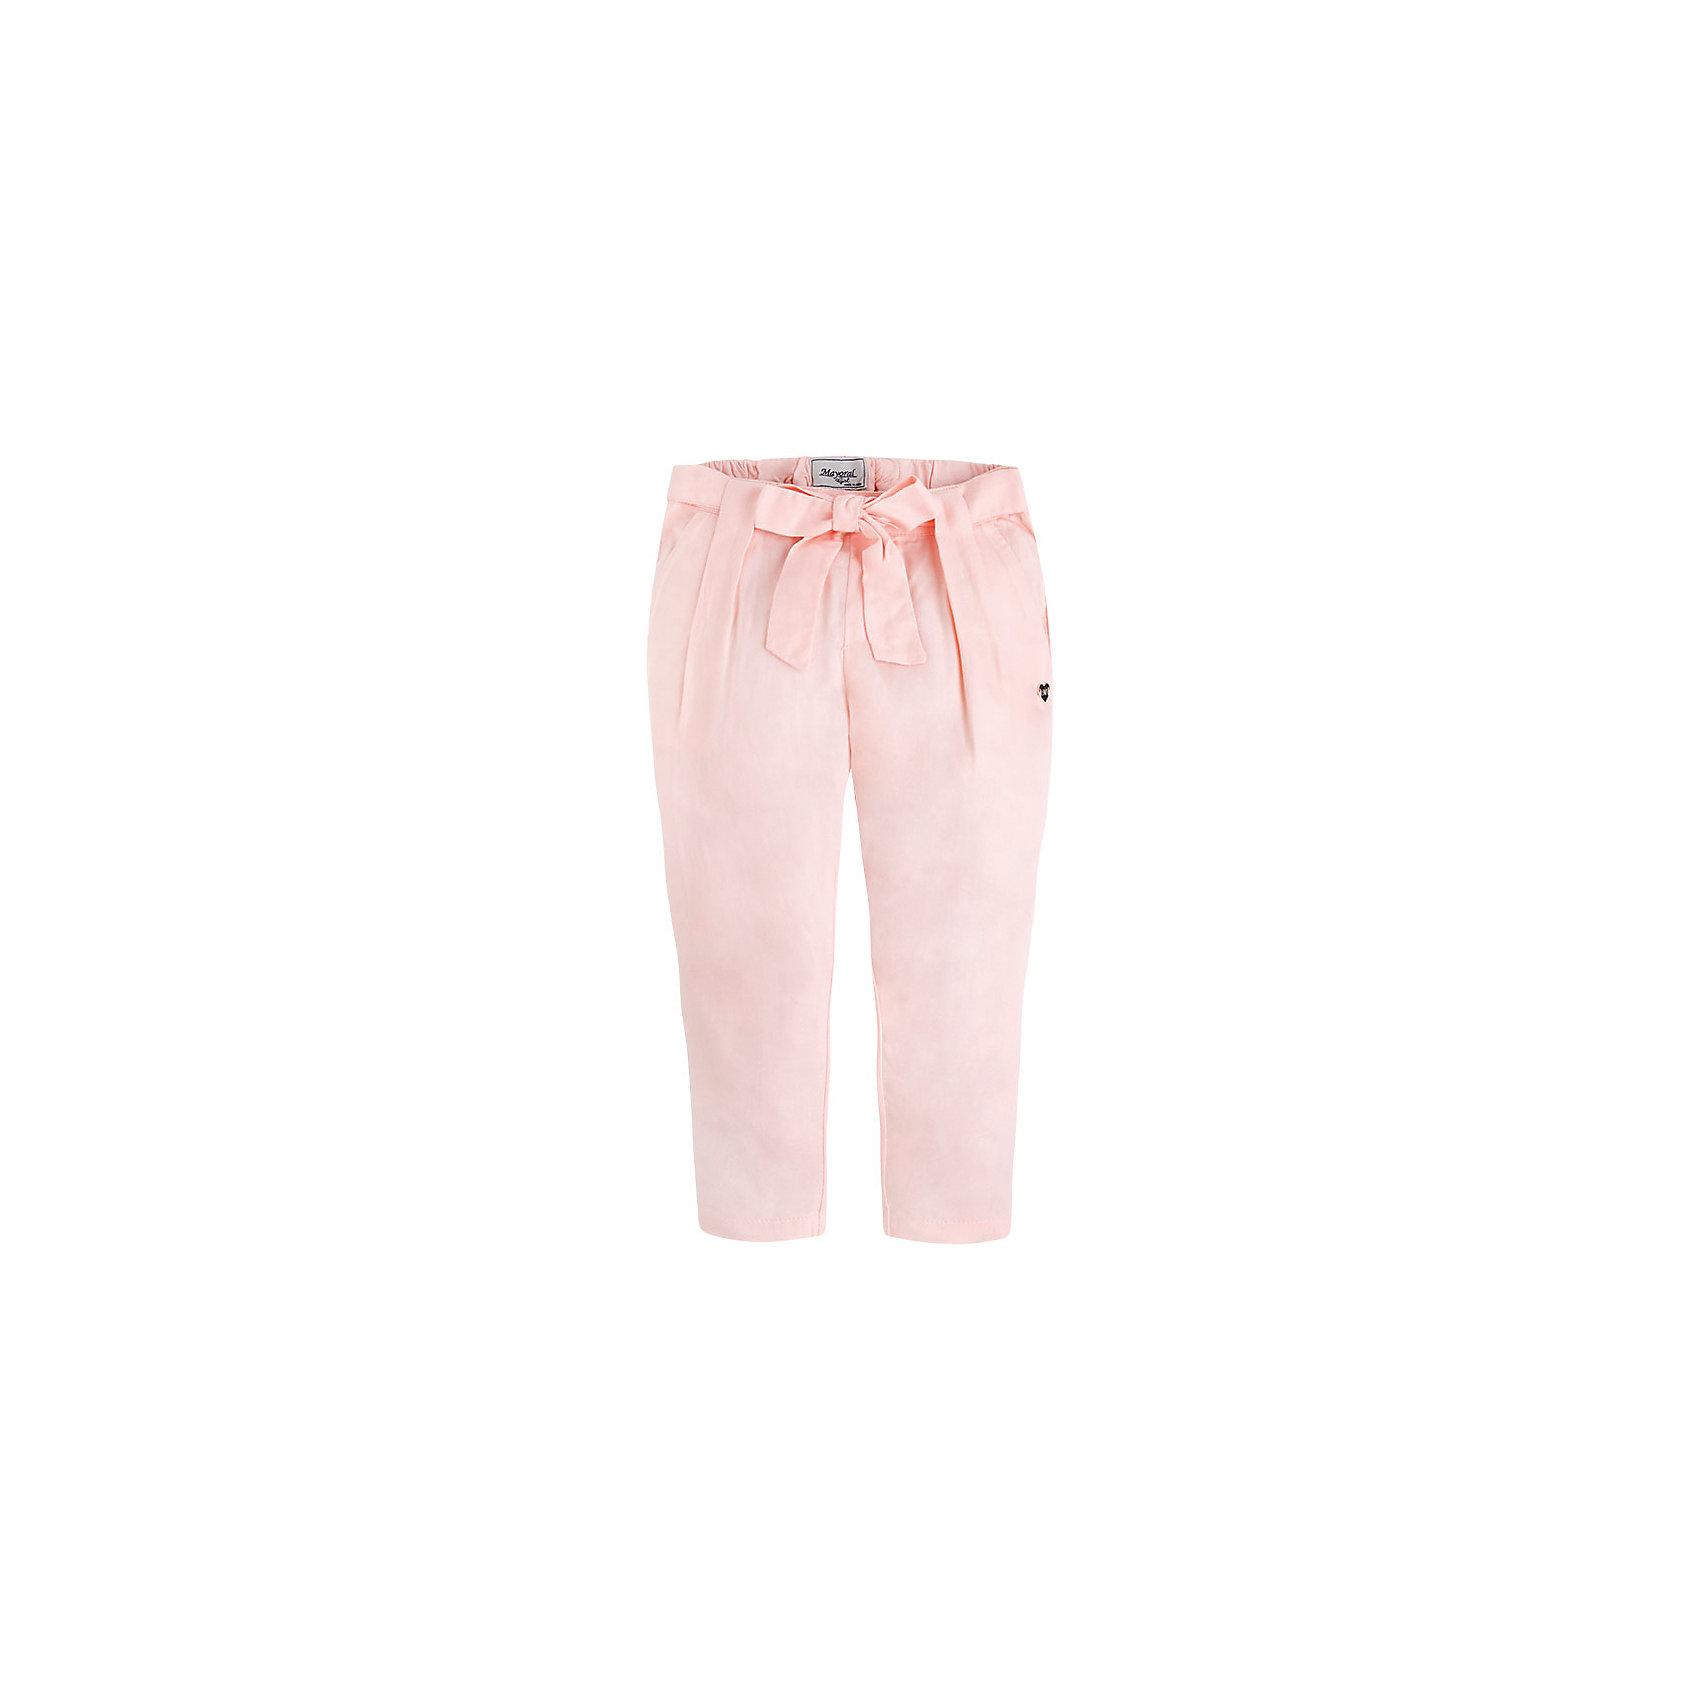 Брюки для девочки MayoralБрюки для девочки от известной испанской марки Mayoral <br><br>Легкие брюки от Mayoral - прекрасный вариант для юных модниц! Они прекрасно сочетаются с разными вещами. Отличный вариант на лето. Модель выполнена из качественных материалов, отлично сидят по фигуре.<br><br>Особенности модели:<br><br>- цвет: розовый;<br>- крой брючин: зауженный;<br>- бант на поясе;<br>- пояс на резинке.<br><br>Дополнительная информация:<br><br>Состав: 100% вискоза<br><br>Брюки для девочки Mayoral (Майорал) можно купить в нашем магазине.<br><br>Ширина мм: 215<br>Глубина мм: 88<br>Высота мм: 191<br>Вес г: 336<br>Цвет: бежевый<br>Возраст от месяцев: 72<br>Возраст до месяцев: 84<br>Пол: Женский<br>Возраст: Детский<br>Размер: 122,104,134,128,116,110,98<br>SKU: 4542628